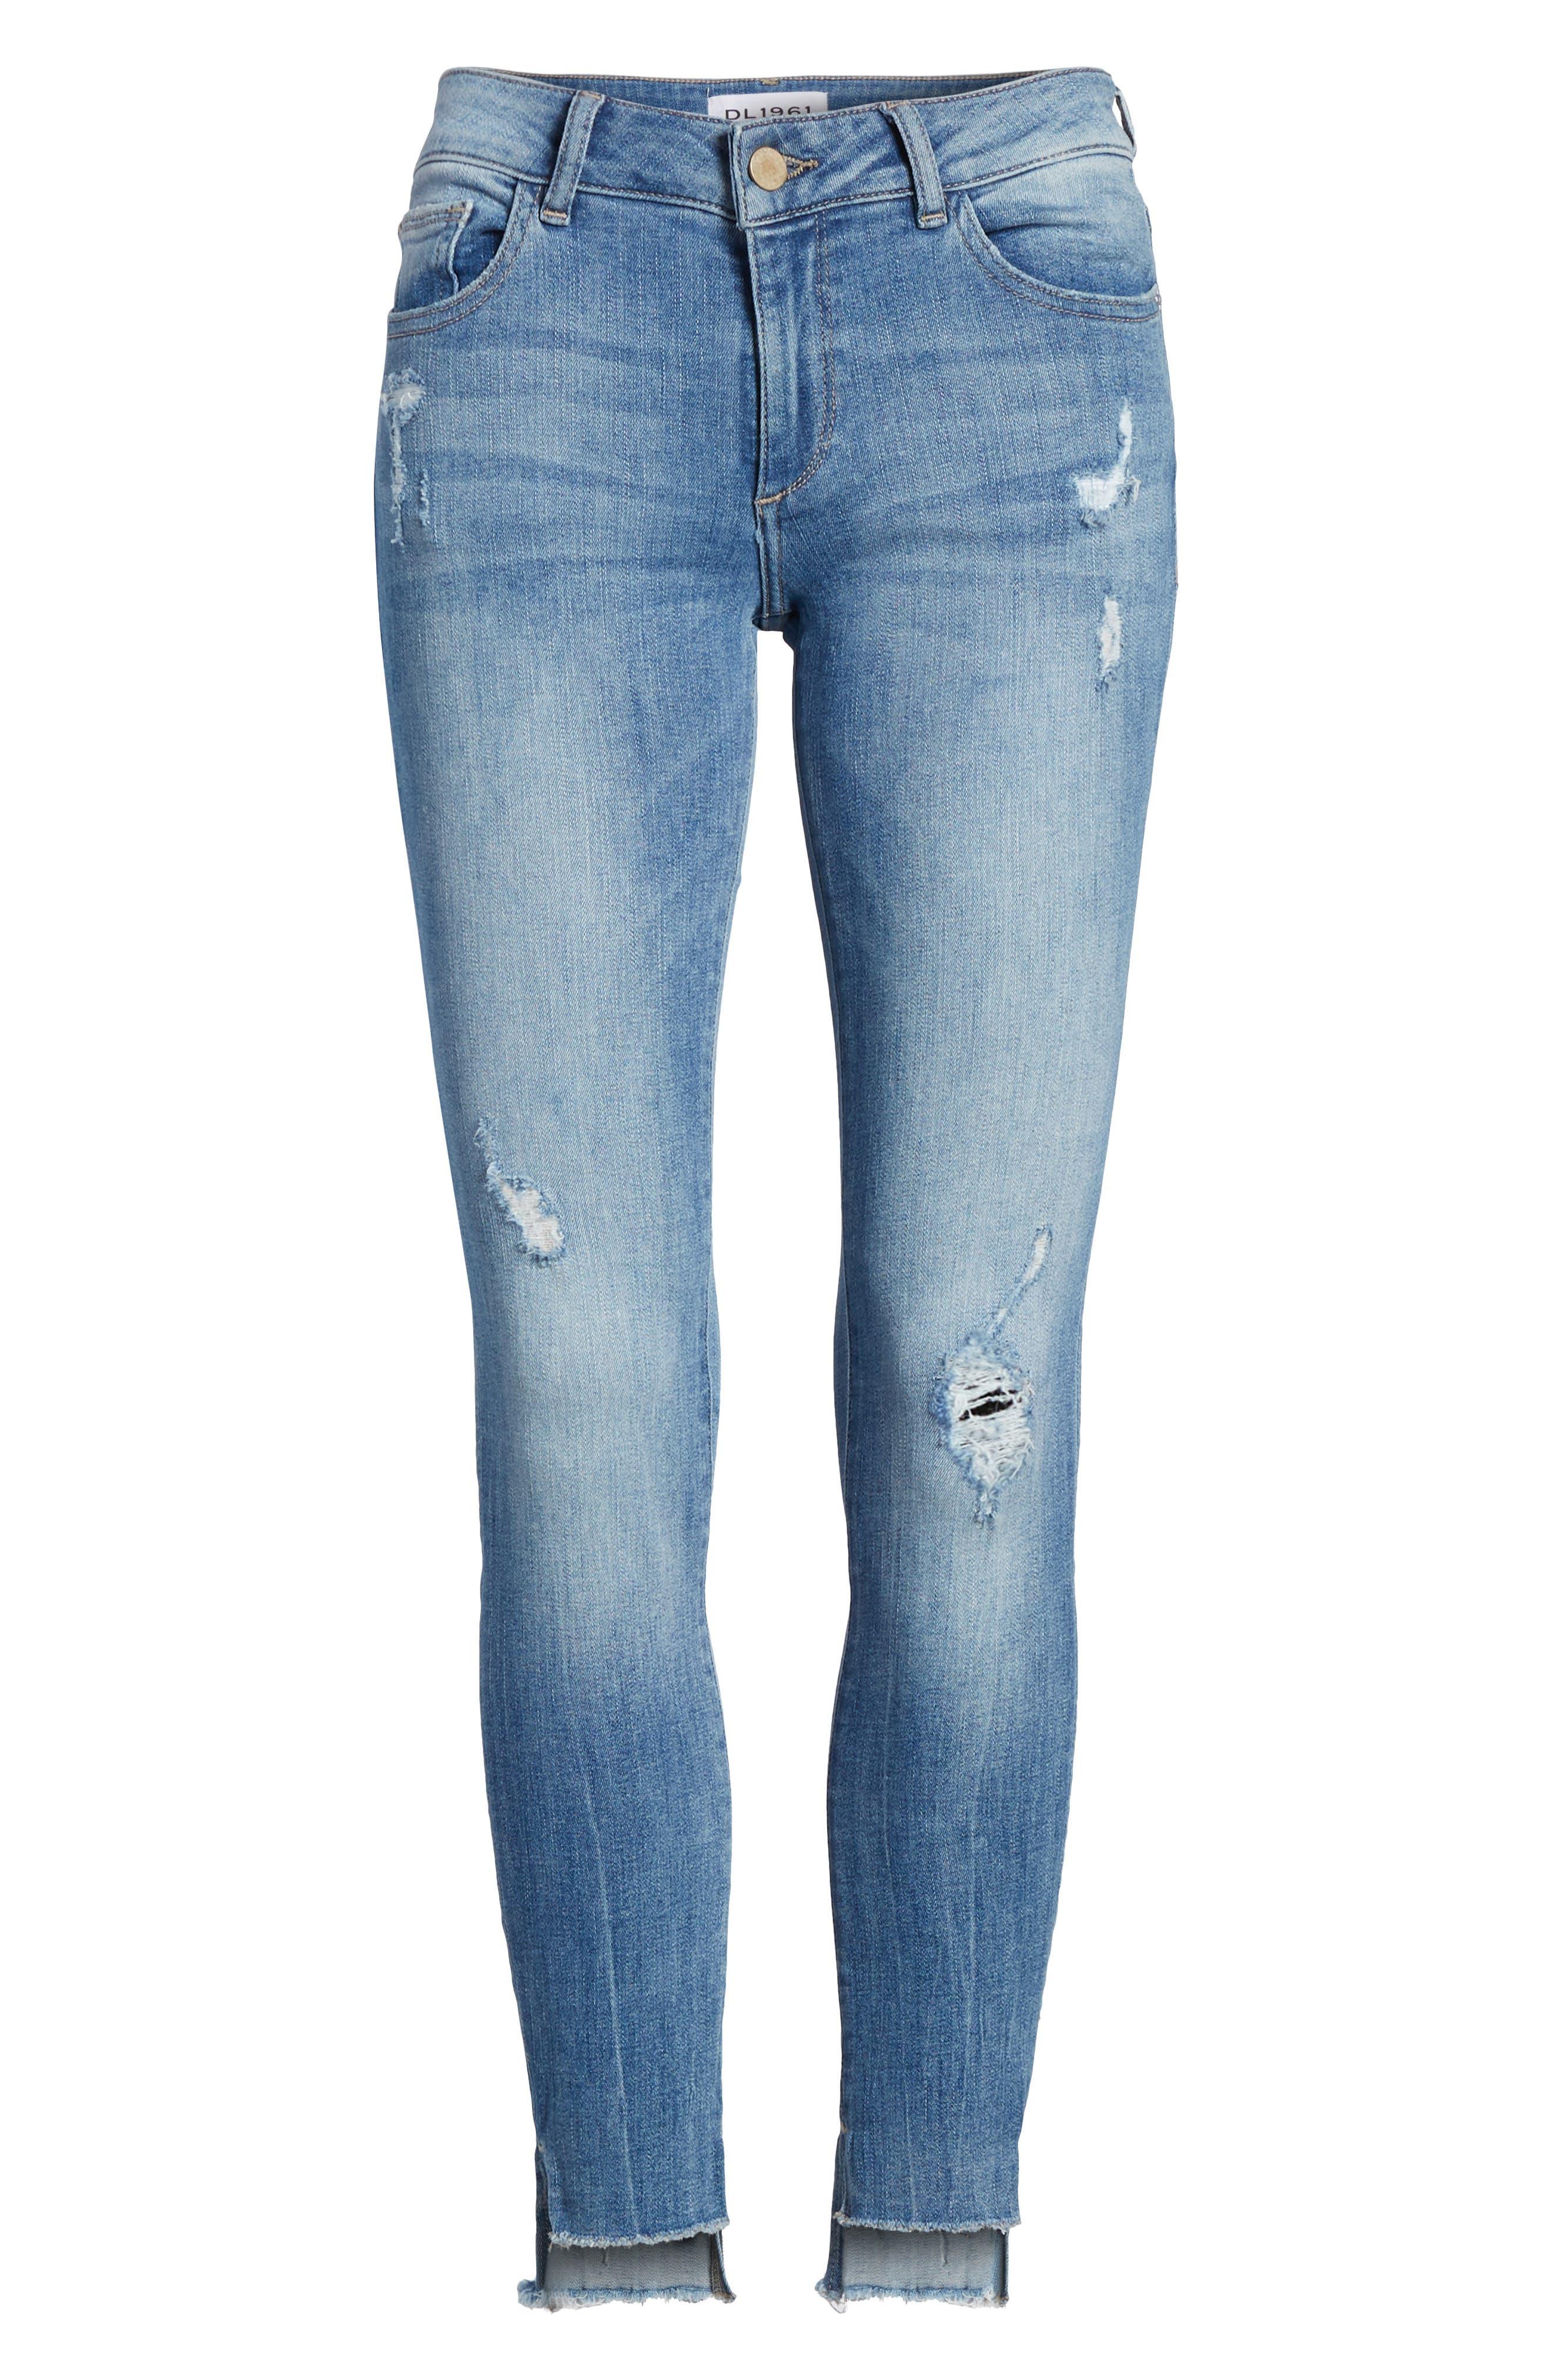 Emma Power Legging Skinny Jeans,                             Alternate thumbnail 6, color,                             MELBOURNE